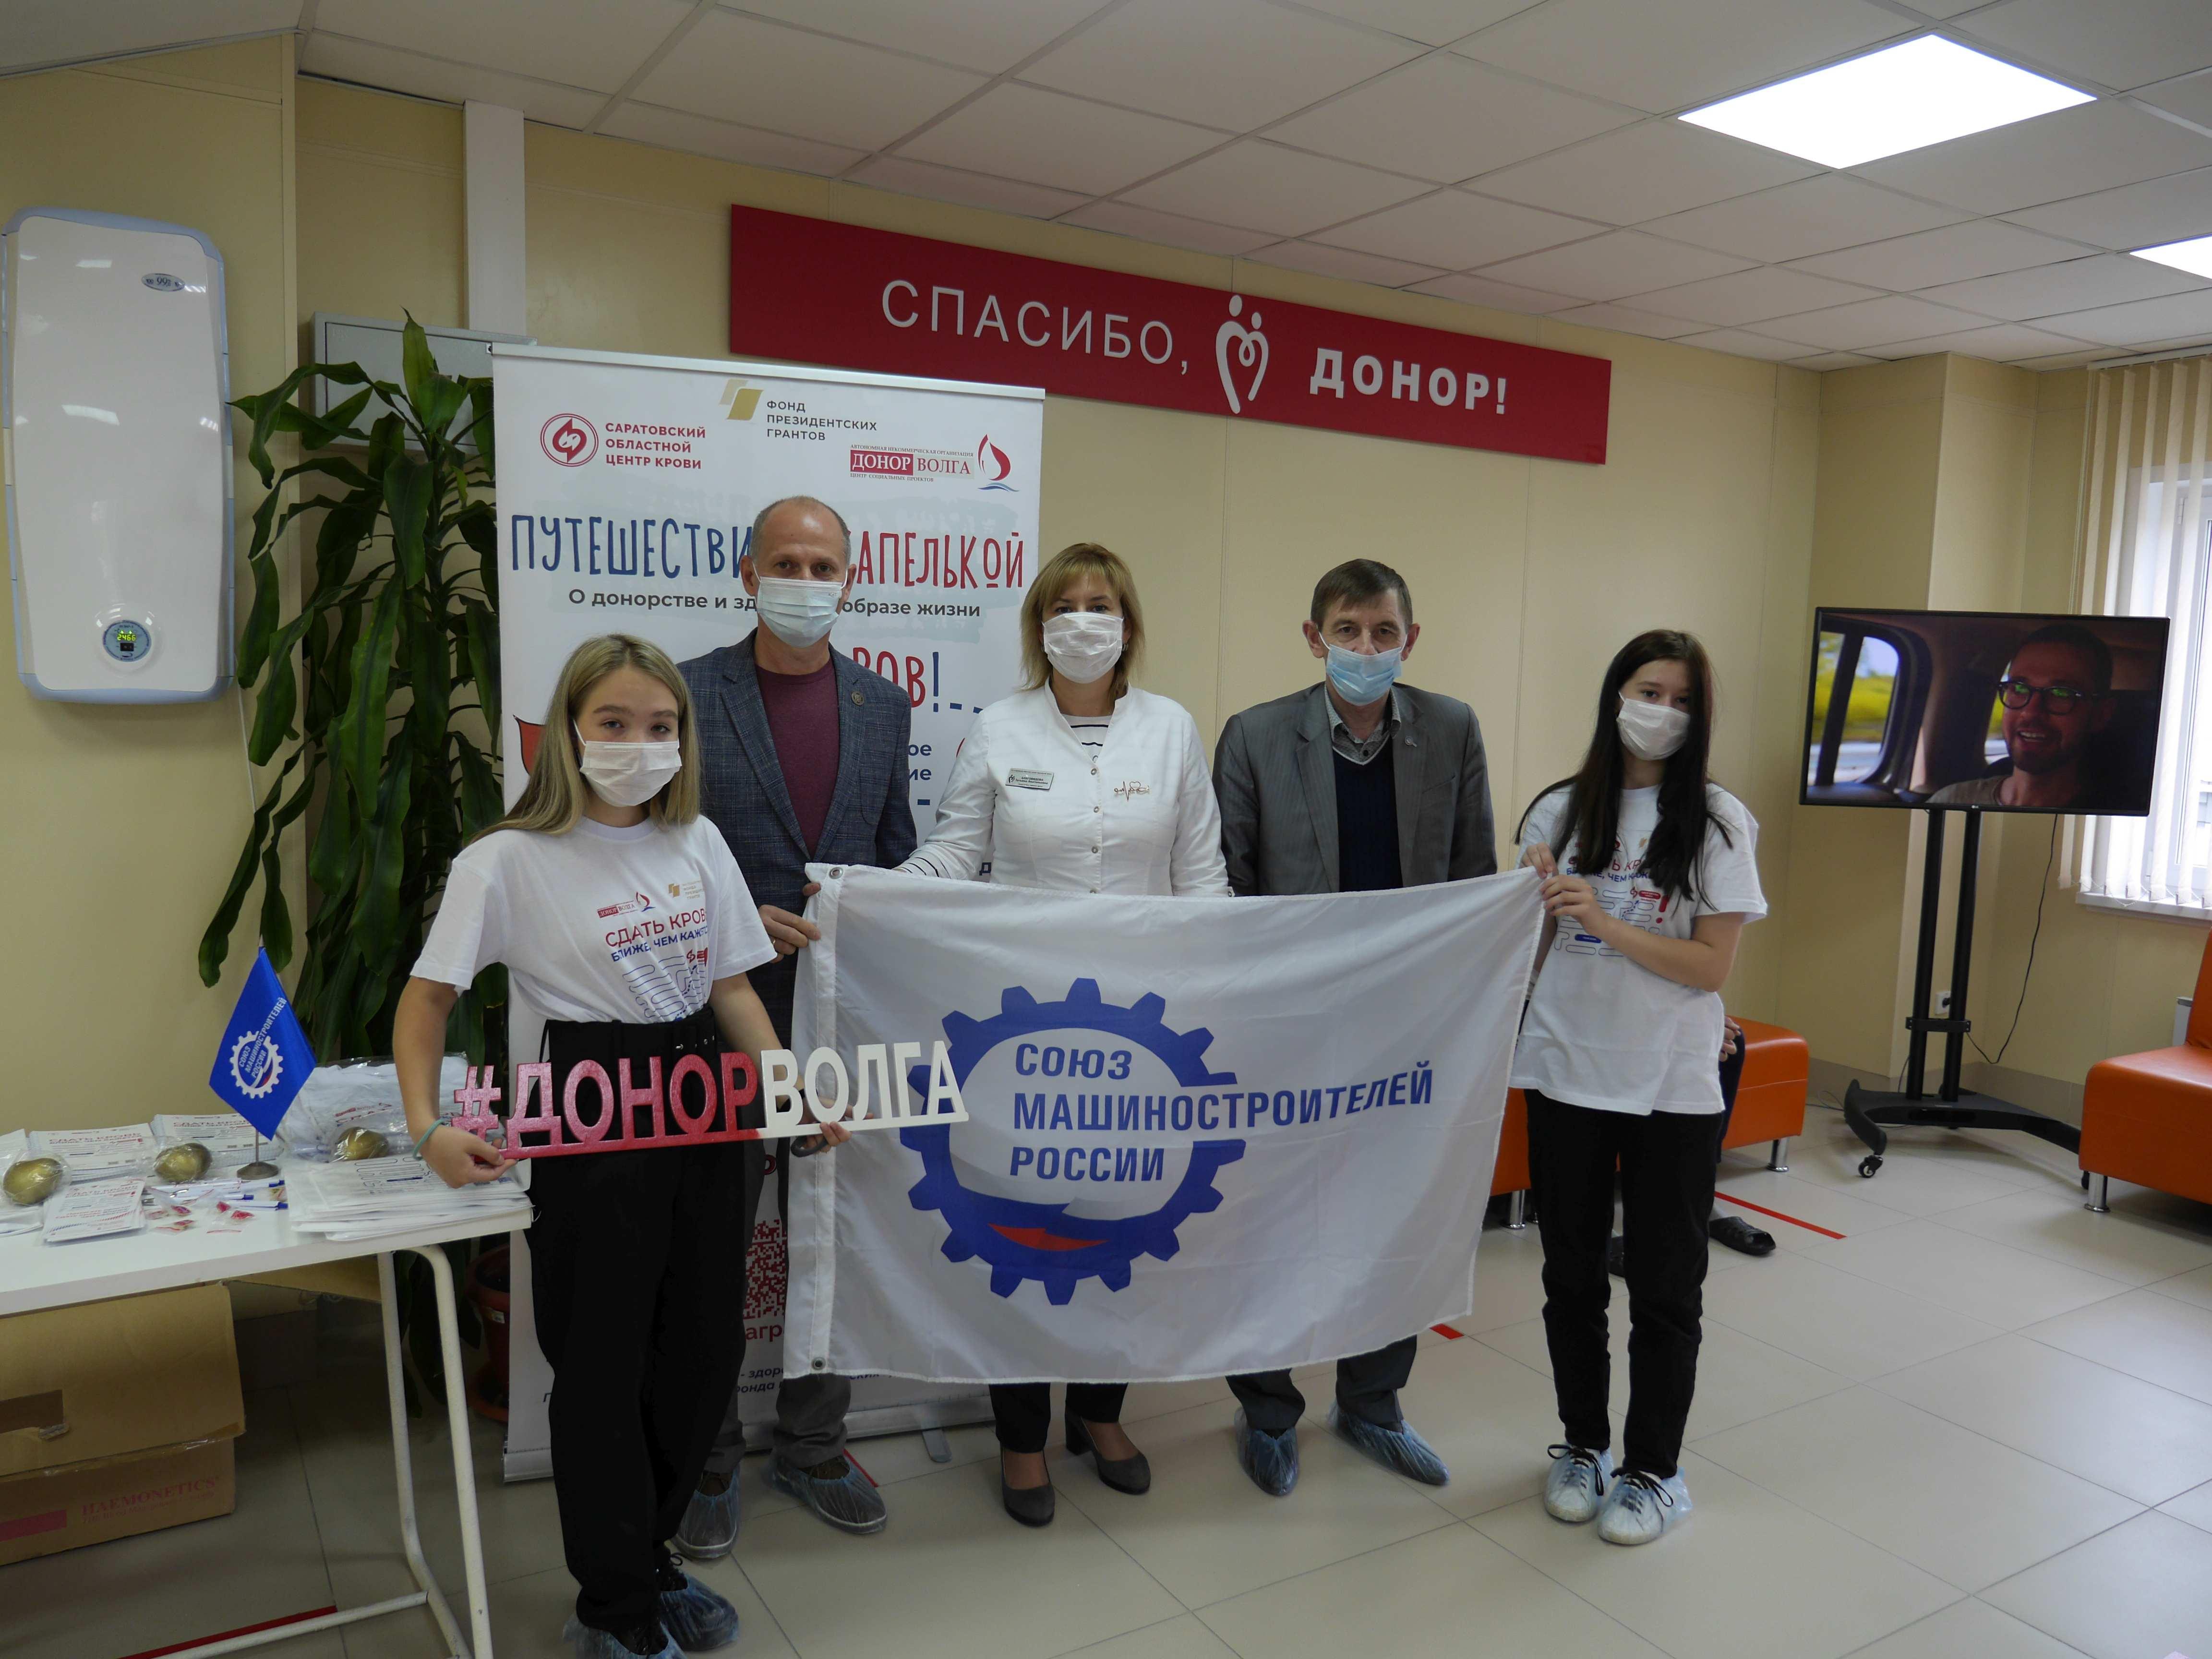 Донор Волга проведена донорская акция Сдать кровь ближе, чем кажется